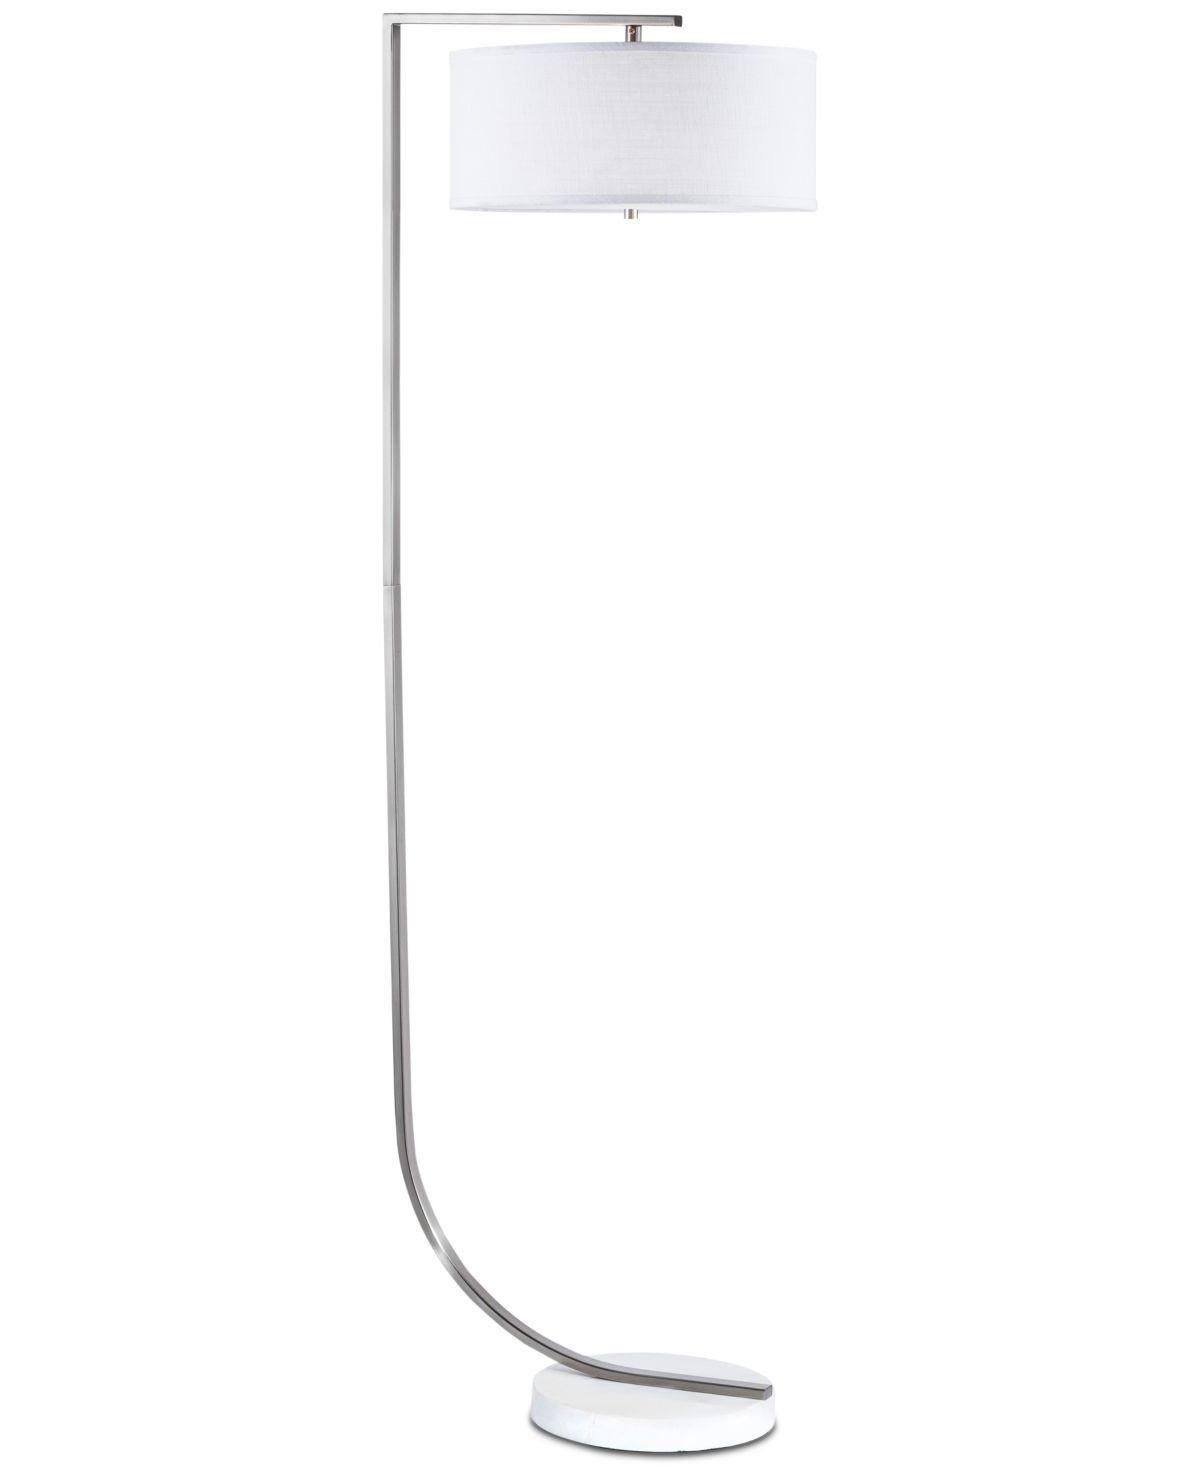 Nova Lighting Library Floor Lamp Reviews All Lighting Home Decor Macy S In 2020 Floor Lamp Silver Floor Lamp Lighting